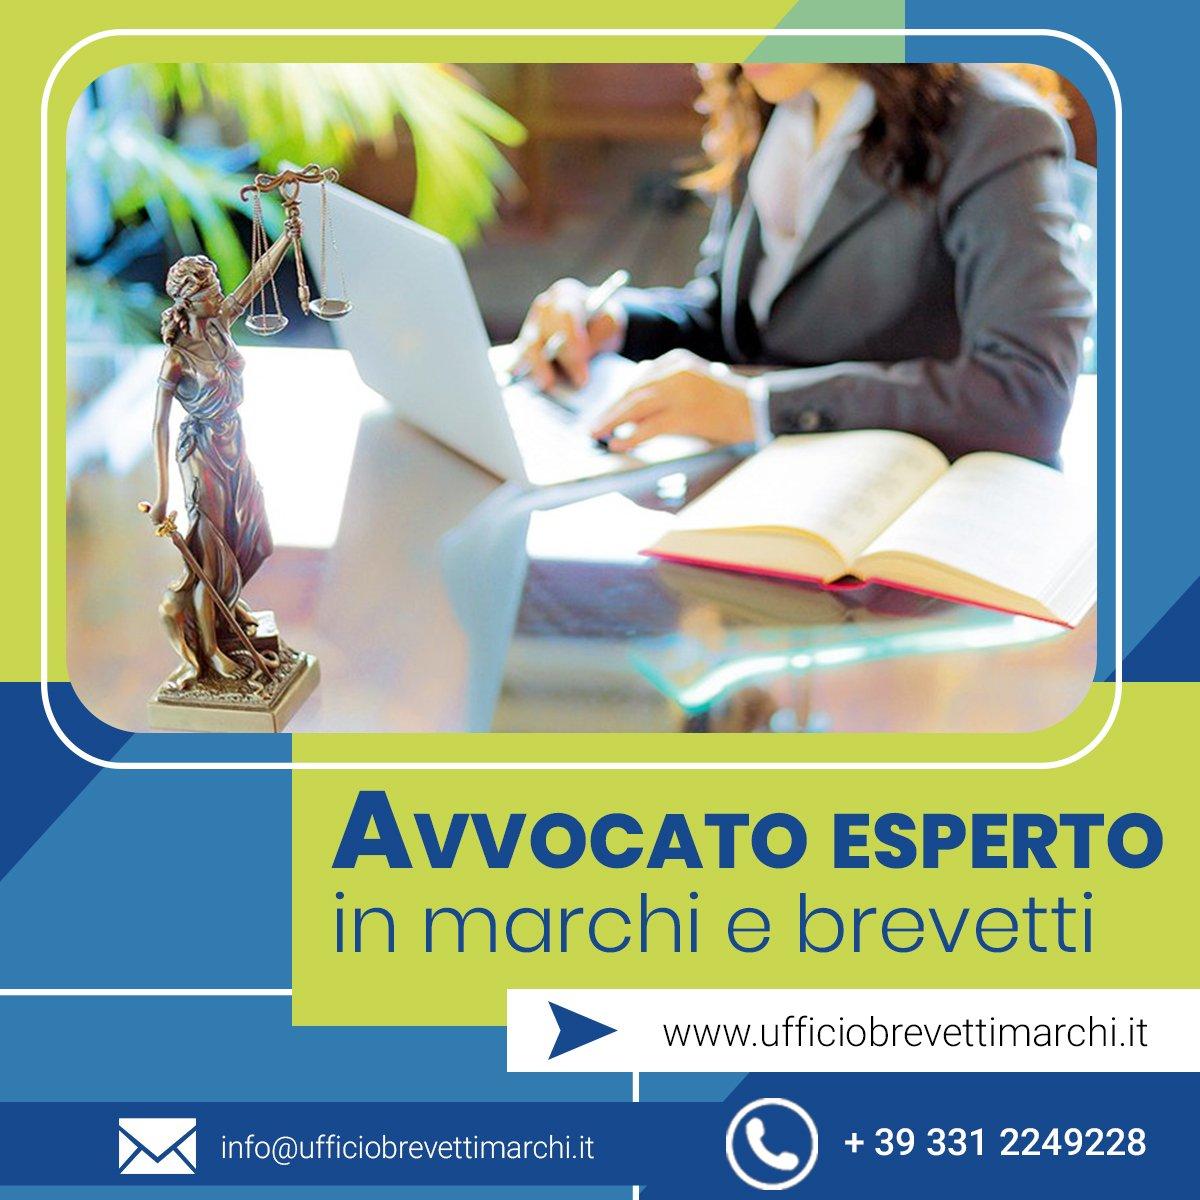 Avvocato-Esperto-In-Marchi-E-Brevetti